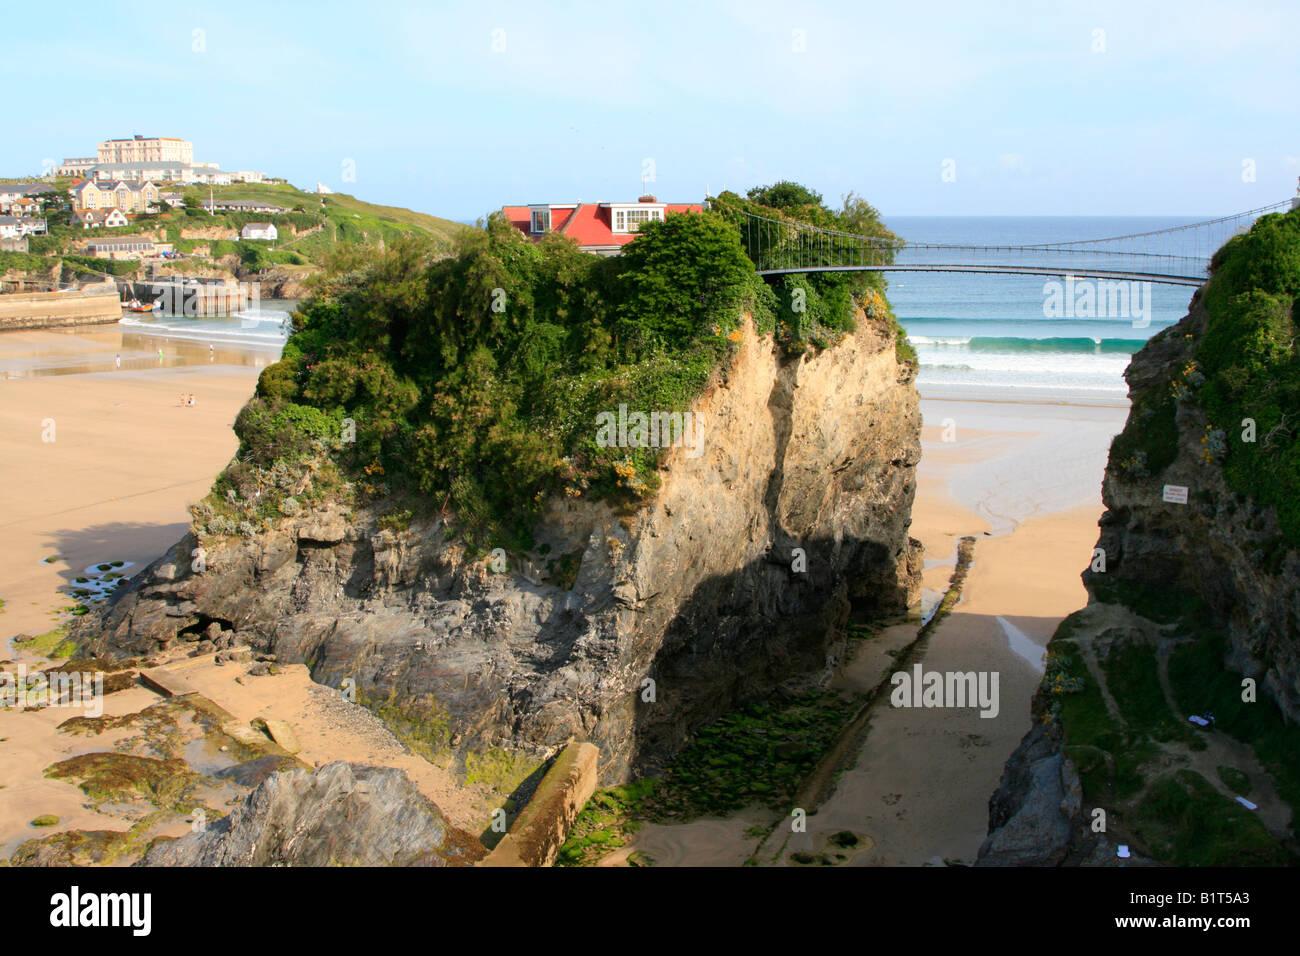 The Beach House Newquay